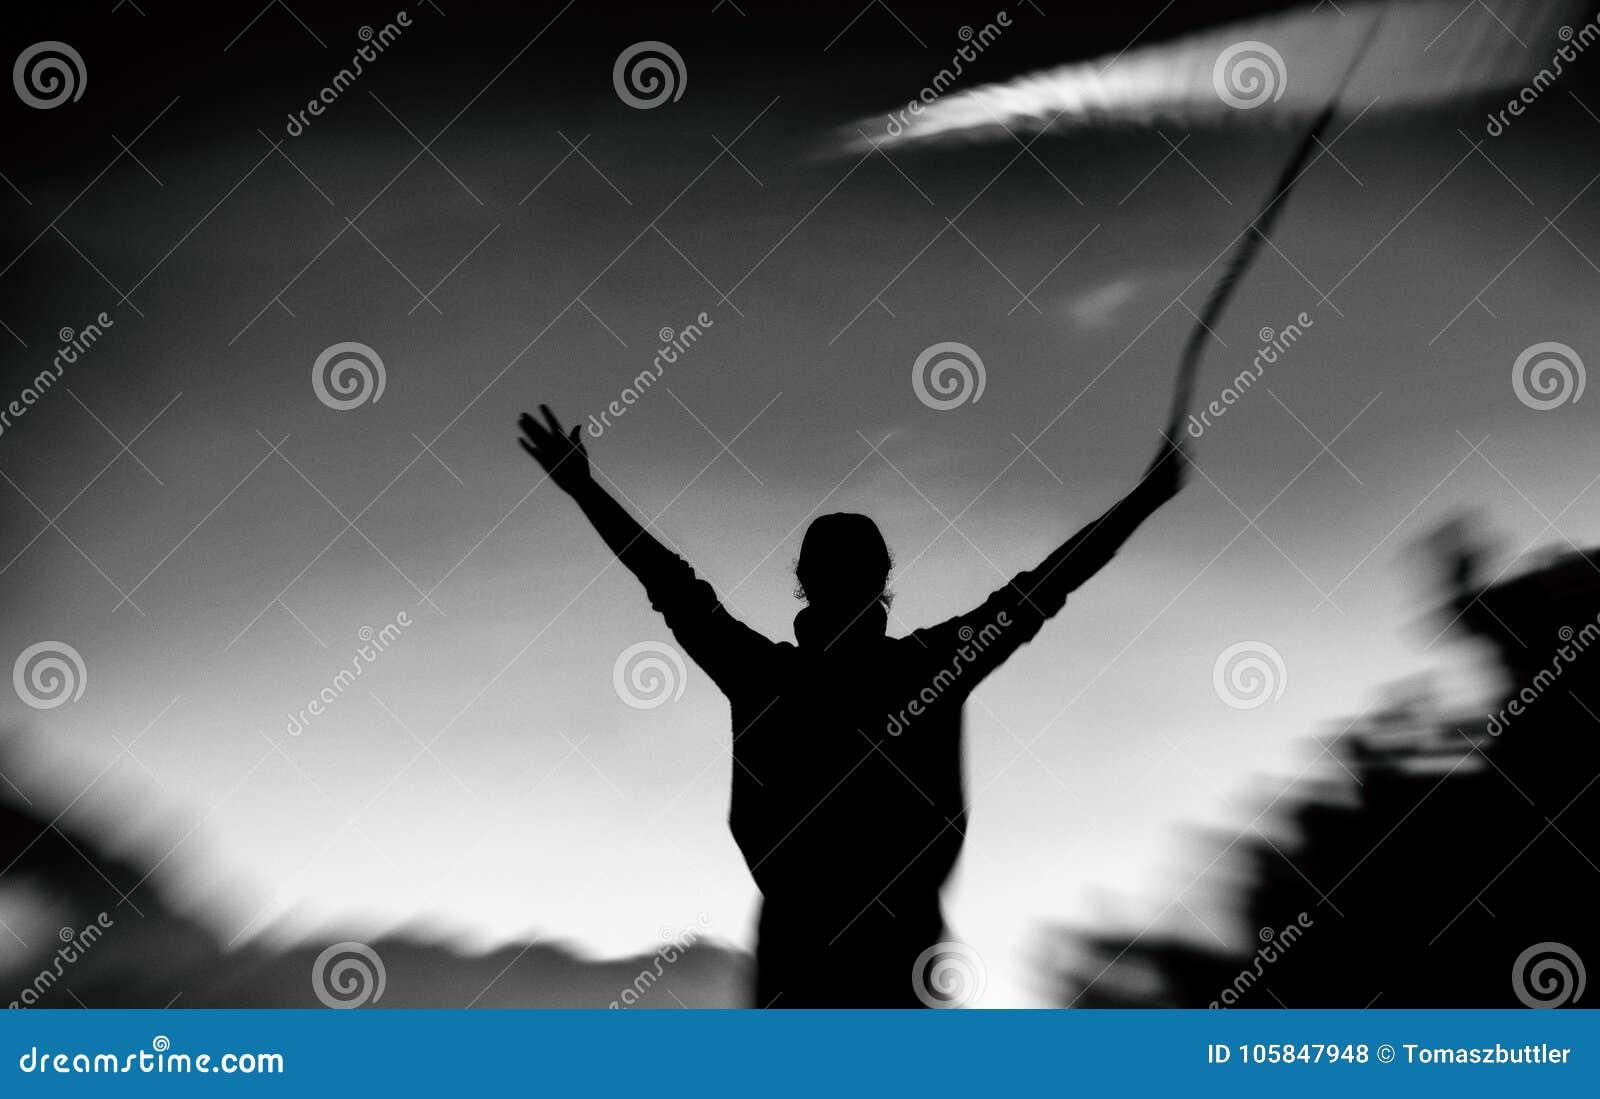 Zwart-wit silhouet van een jonge vrouw met opgeheven wapens